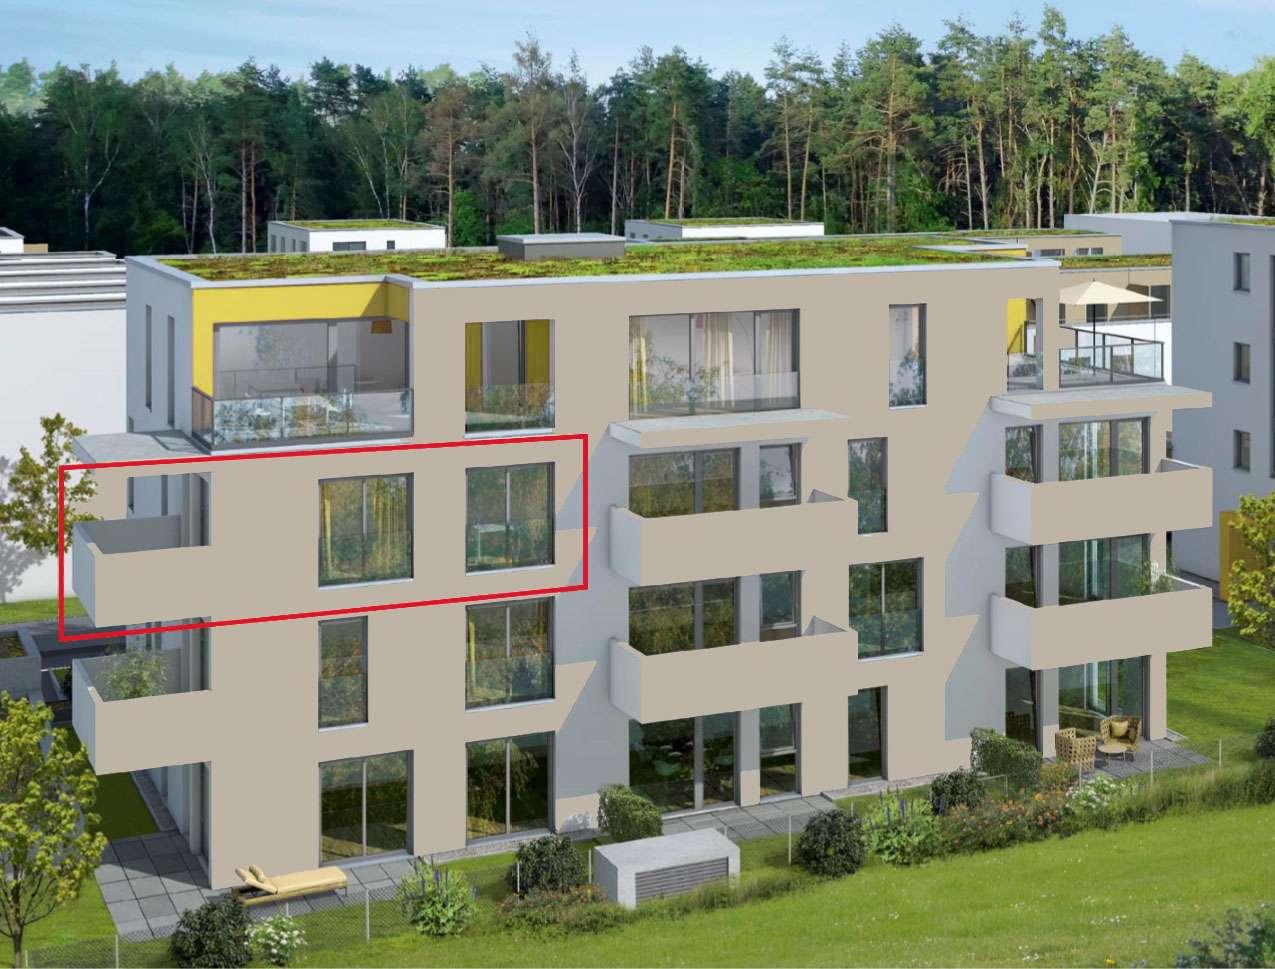 Tolle Lage am Langwassersee/Nähe Dutzendteich, lichtdurchflutete 3 Zimmer-Neubauwohnung in Langwasser Nordost (Nürnberg)